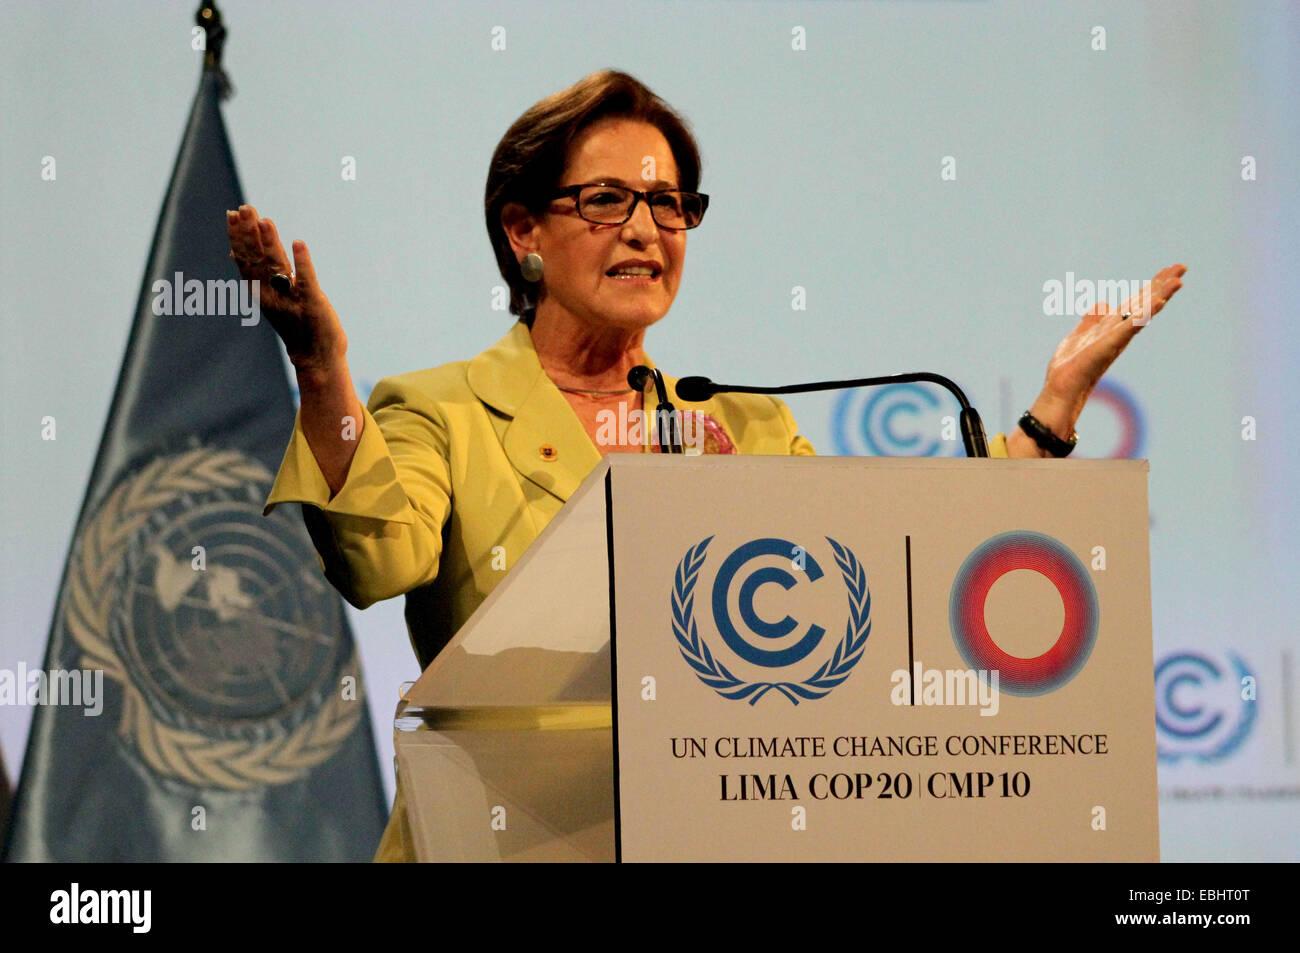 Lima, Perù. 1 dicembre, 2014. Lima il sindaco di Susana Villaran offre un discorso durante la cerimonia di Immagini Stock